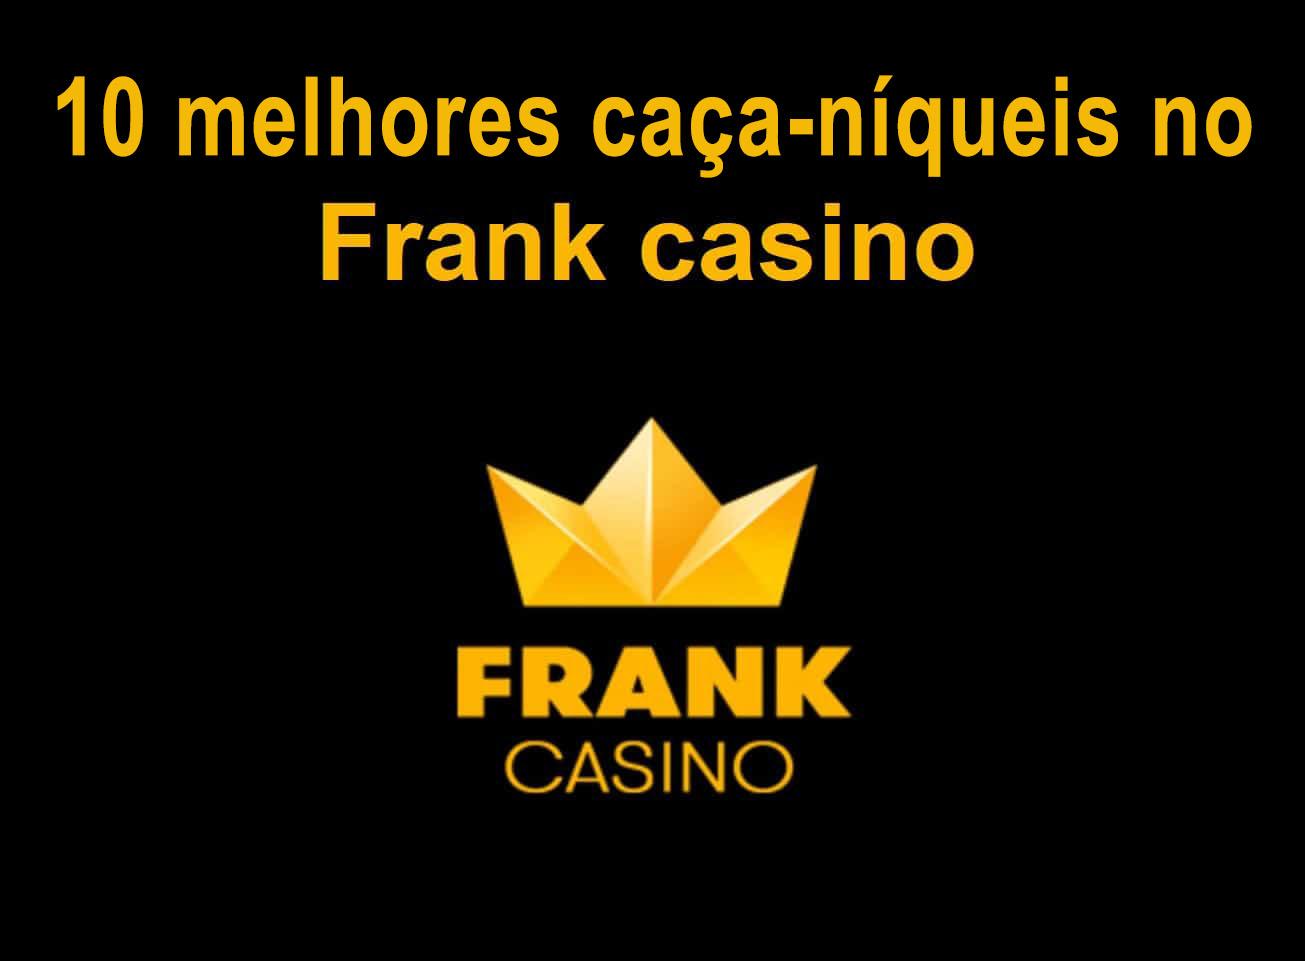 Top 10 dos caça-níqueis no Frank casino